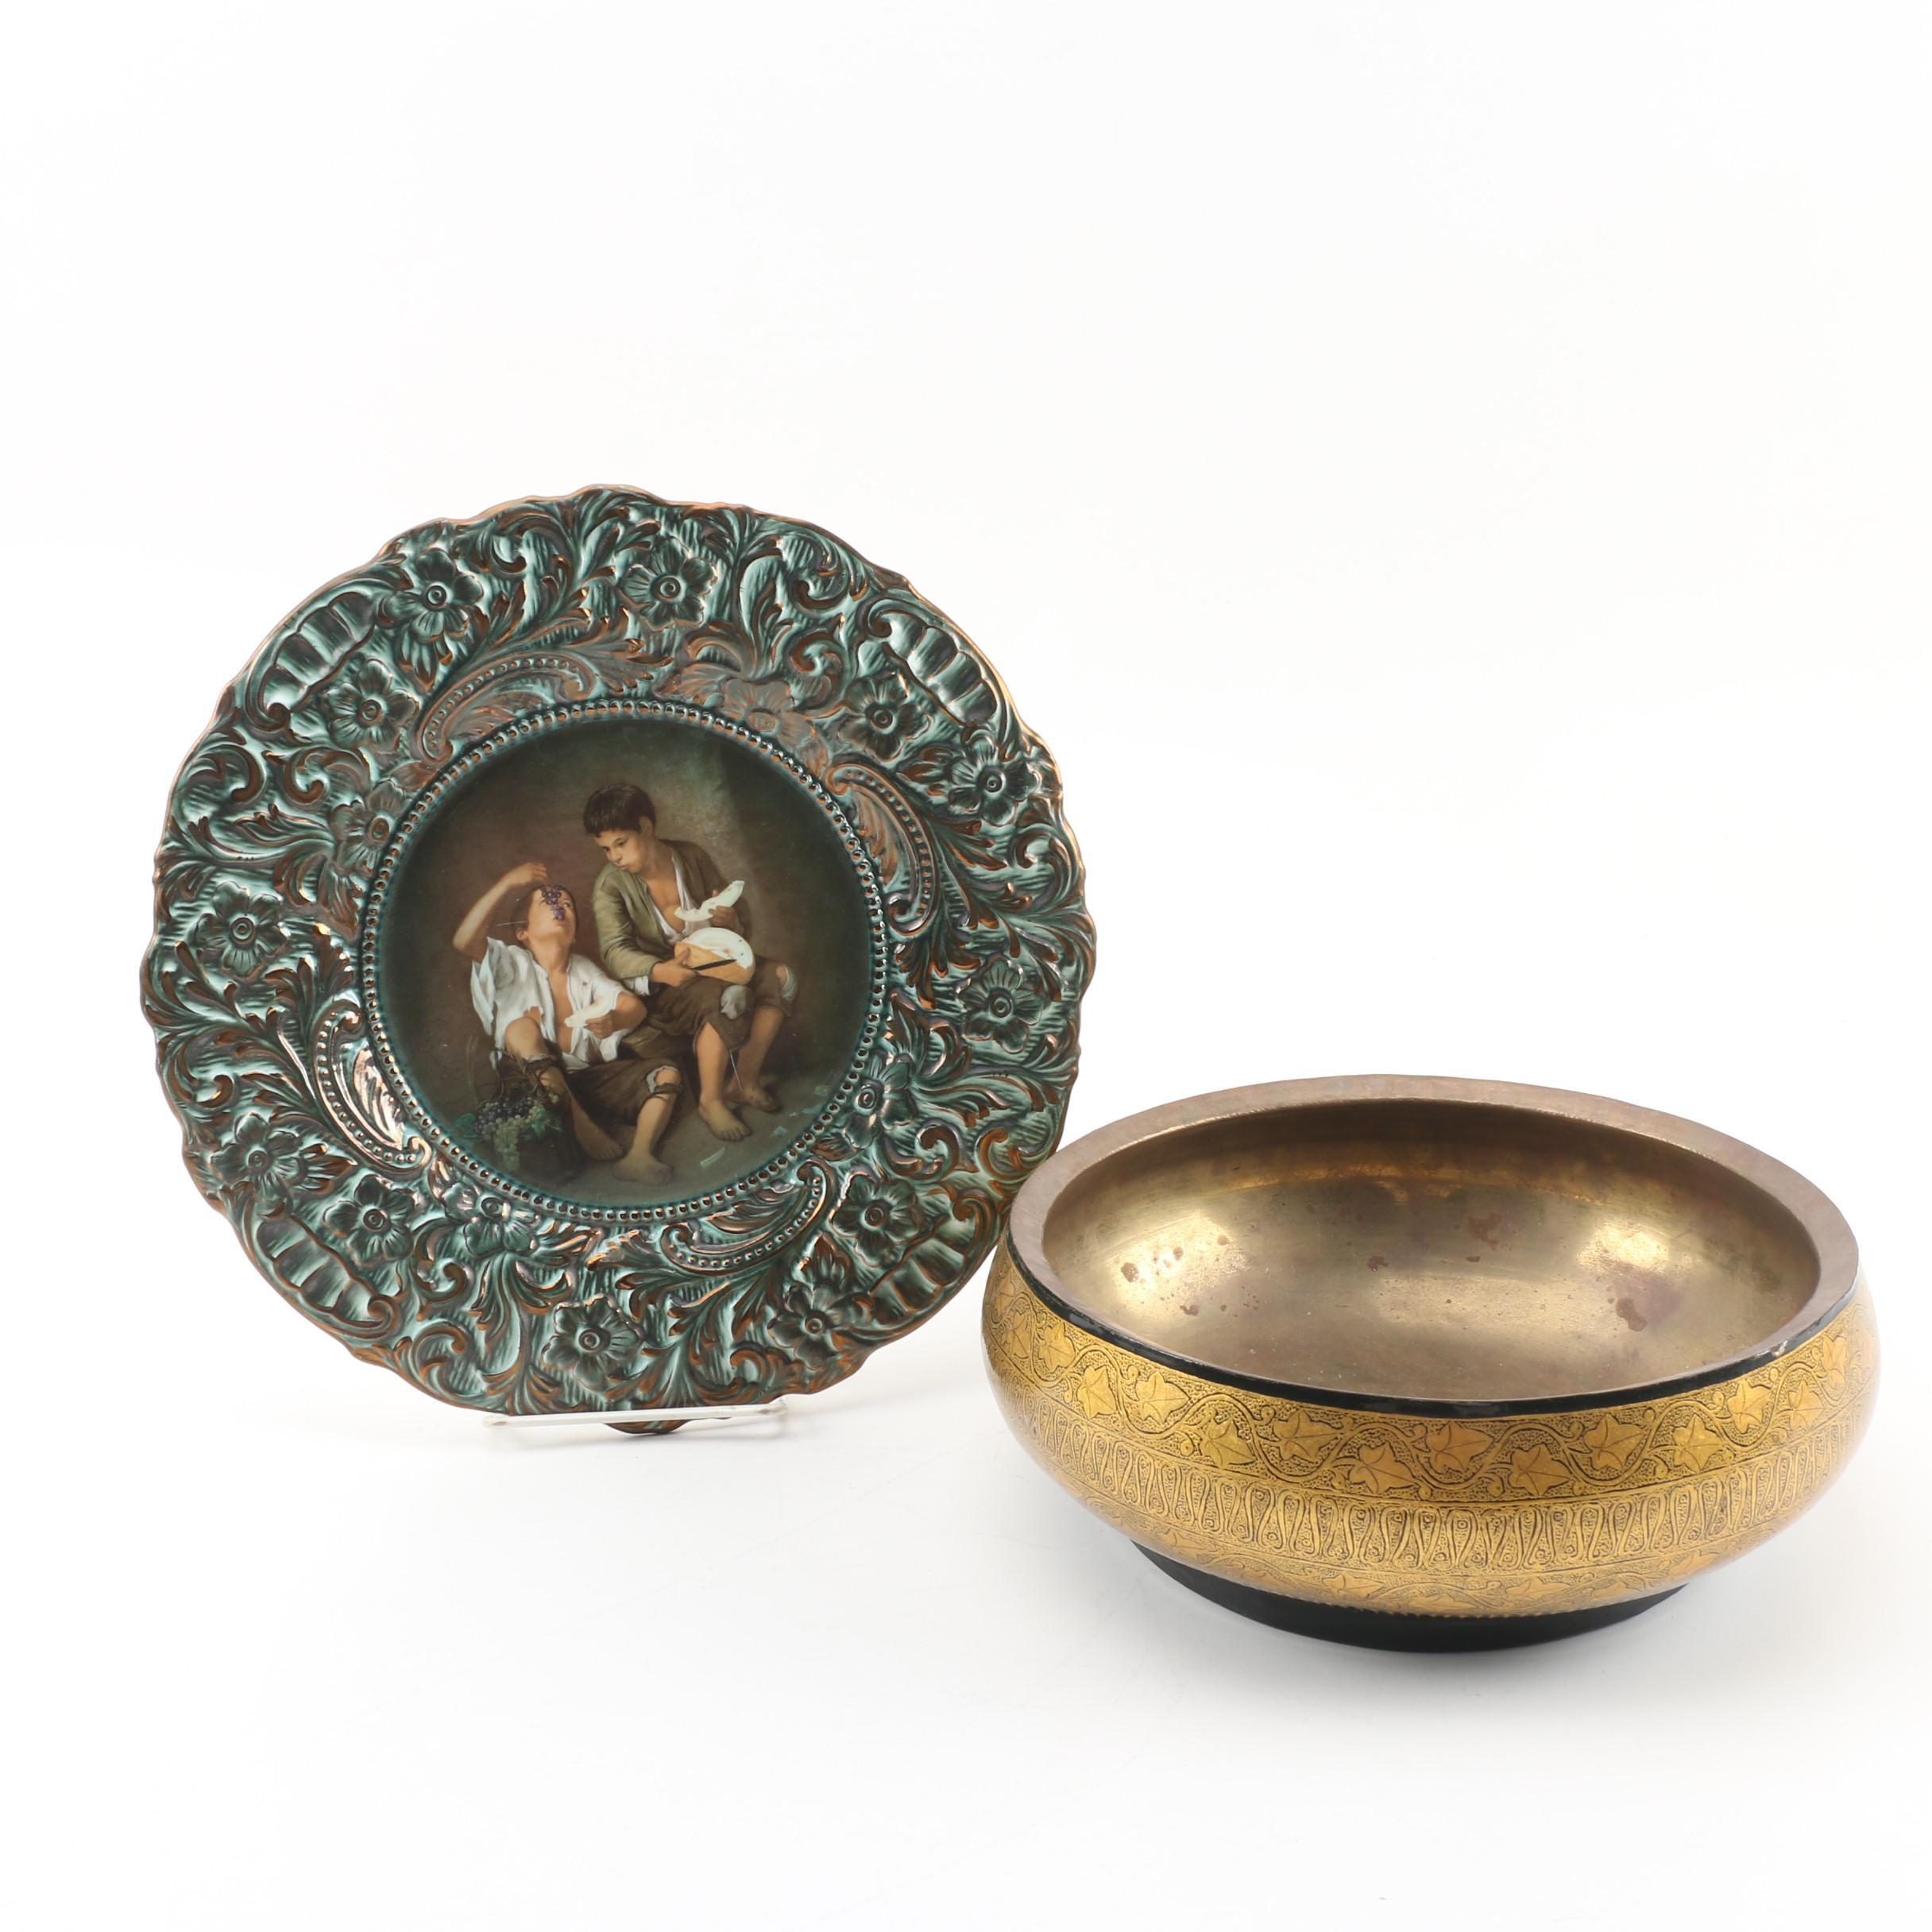 Martan Portuguese Hand-Painted Ceramic Plate with Lacquered Papier Mâché Bowl